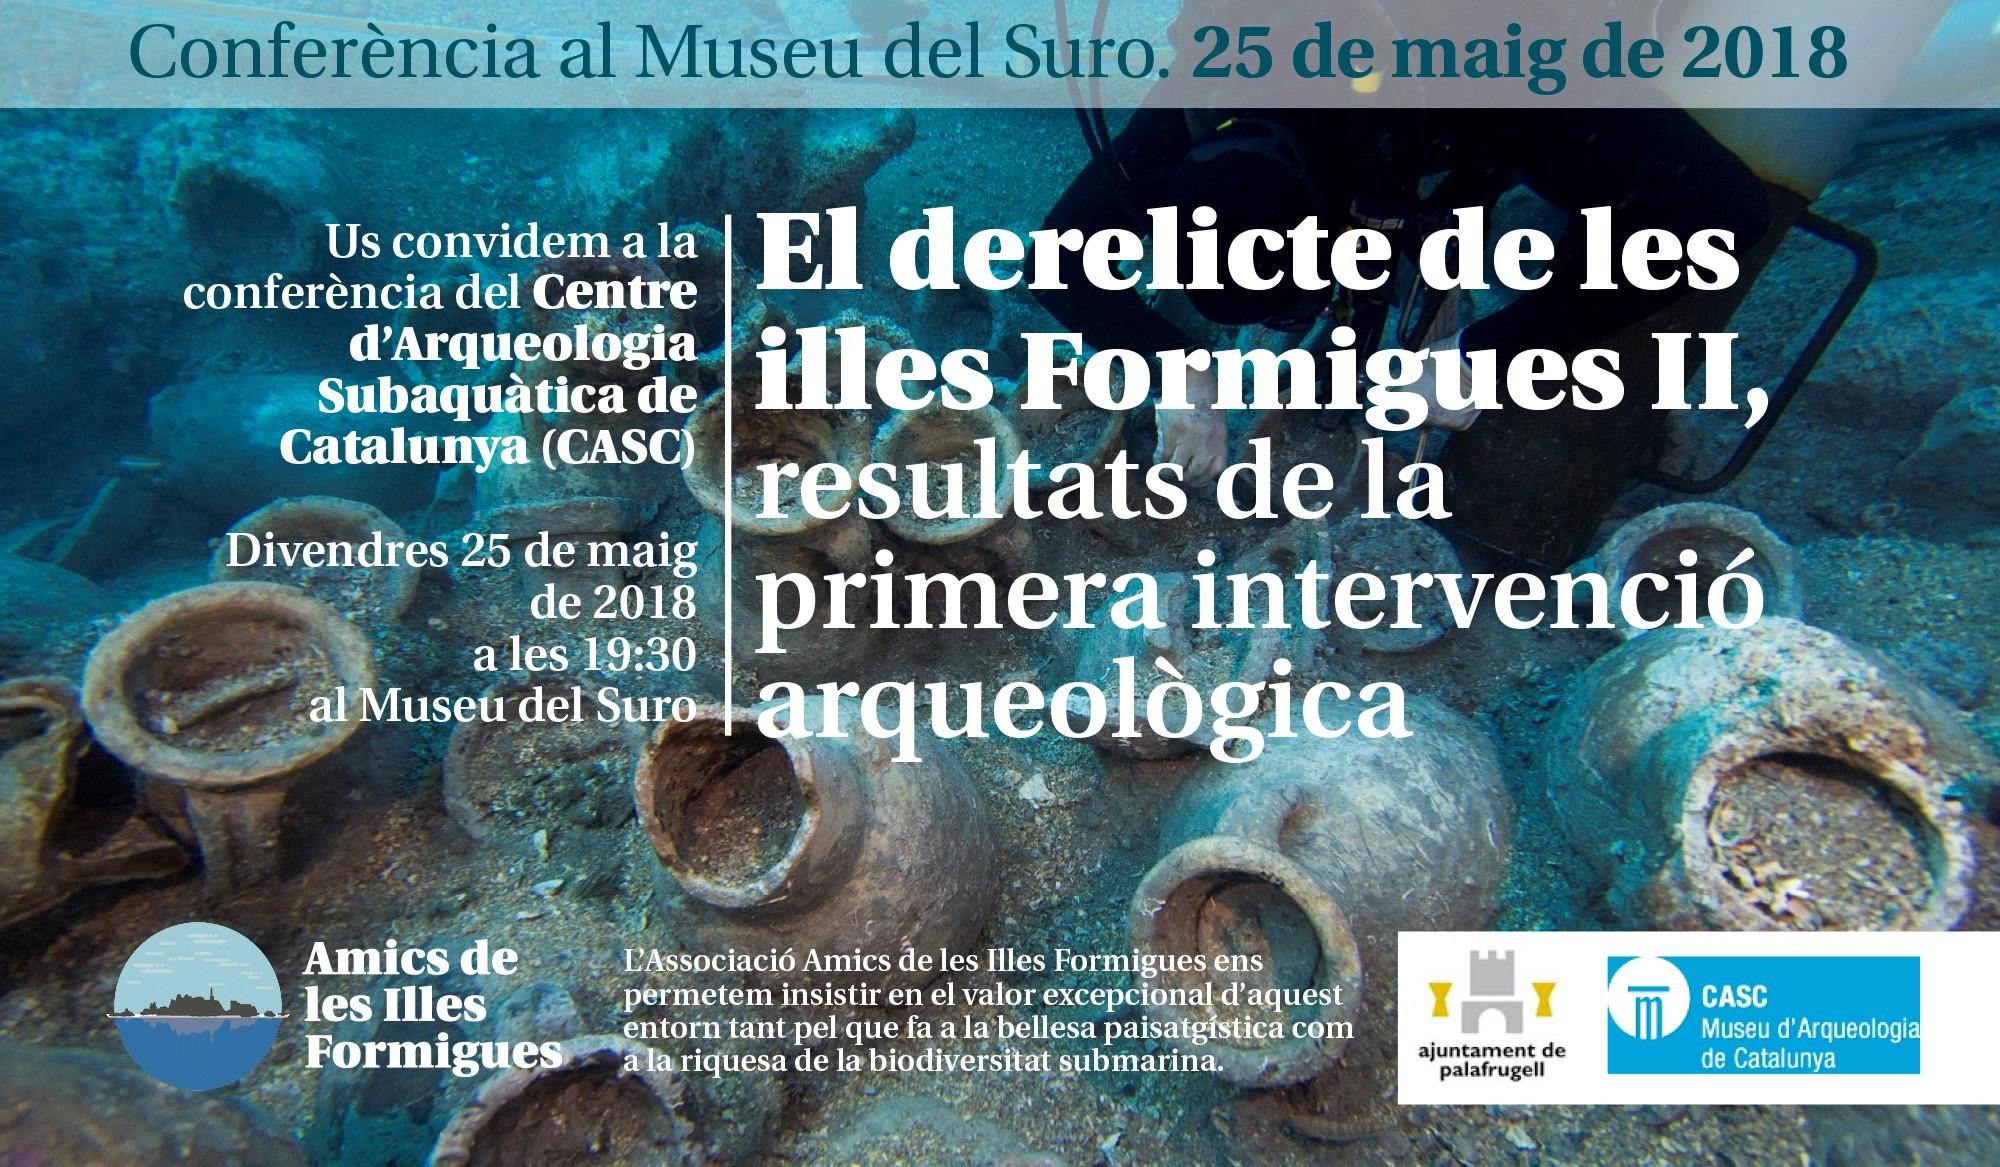 El derelicte de les Illes Formigues II, resultats de la primera intervenció arqueològica